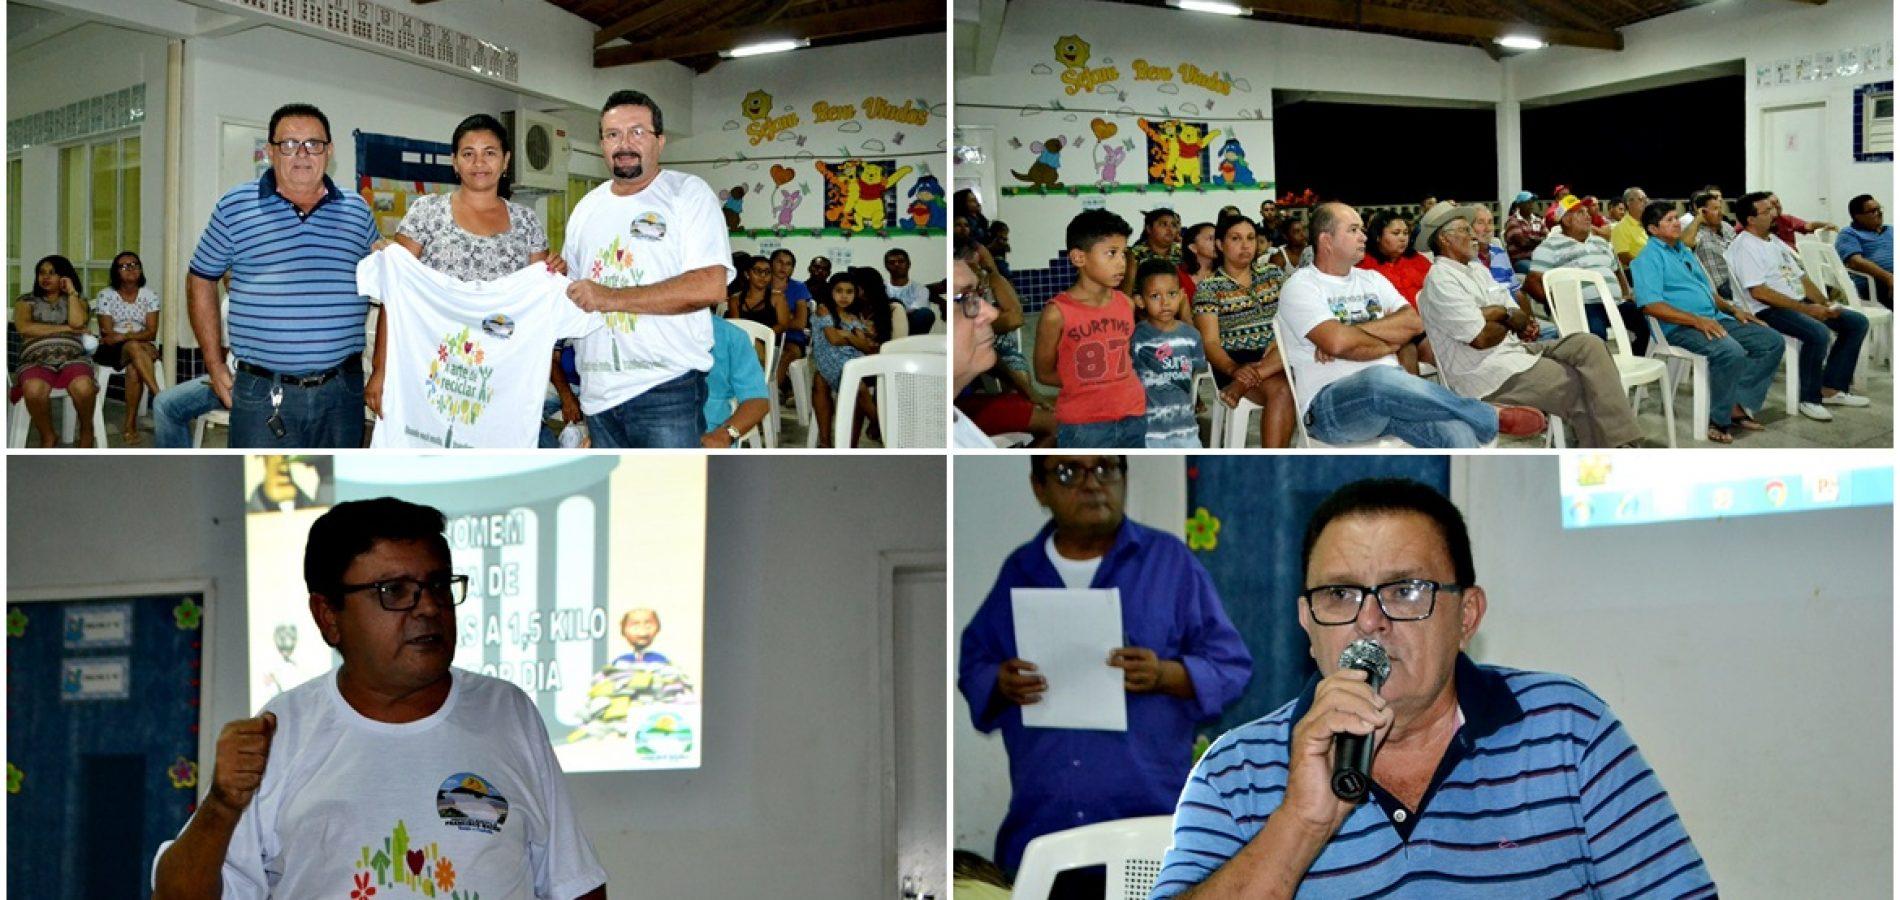 Prefeitura de Francisco Macedo lança importante Programa de Coleta de Seletiva e sustentabilidade; veja fotos